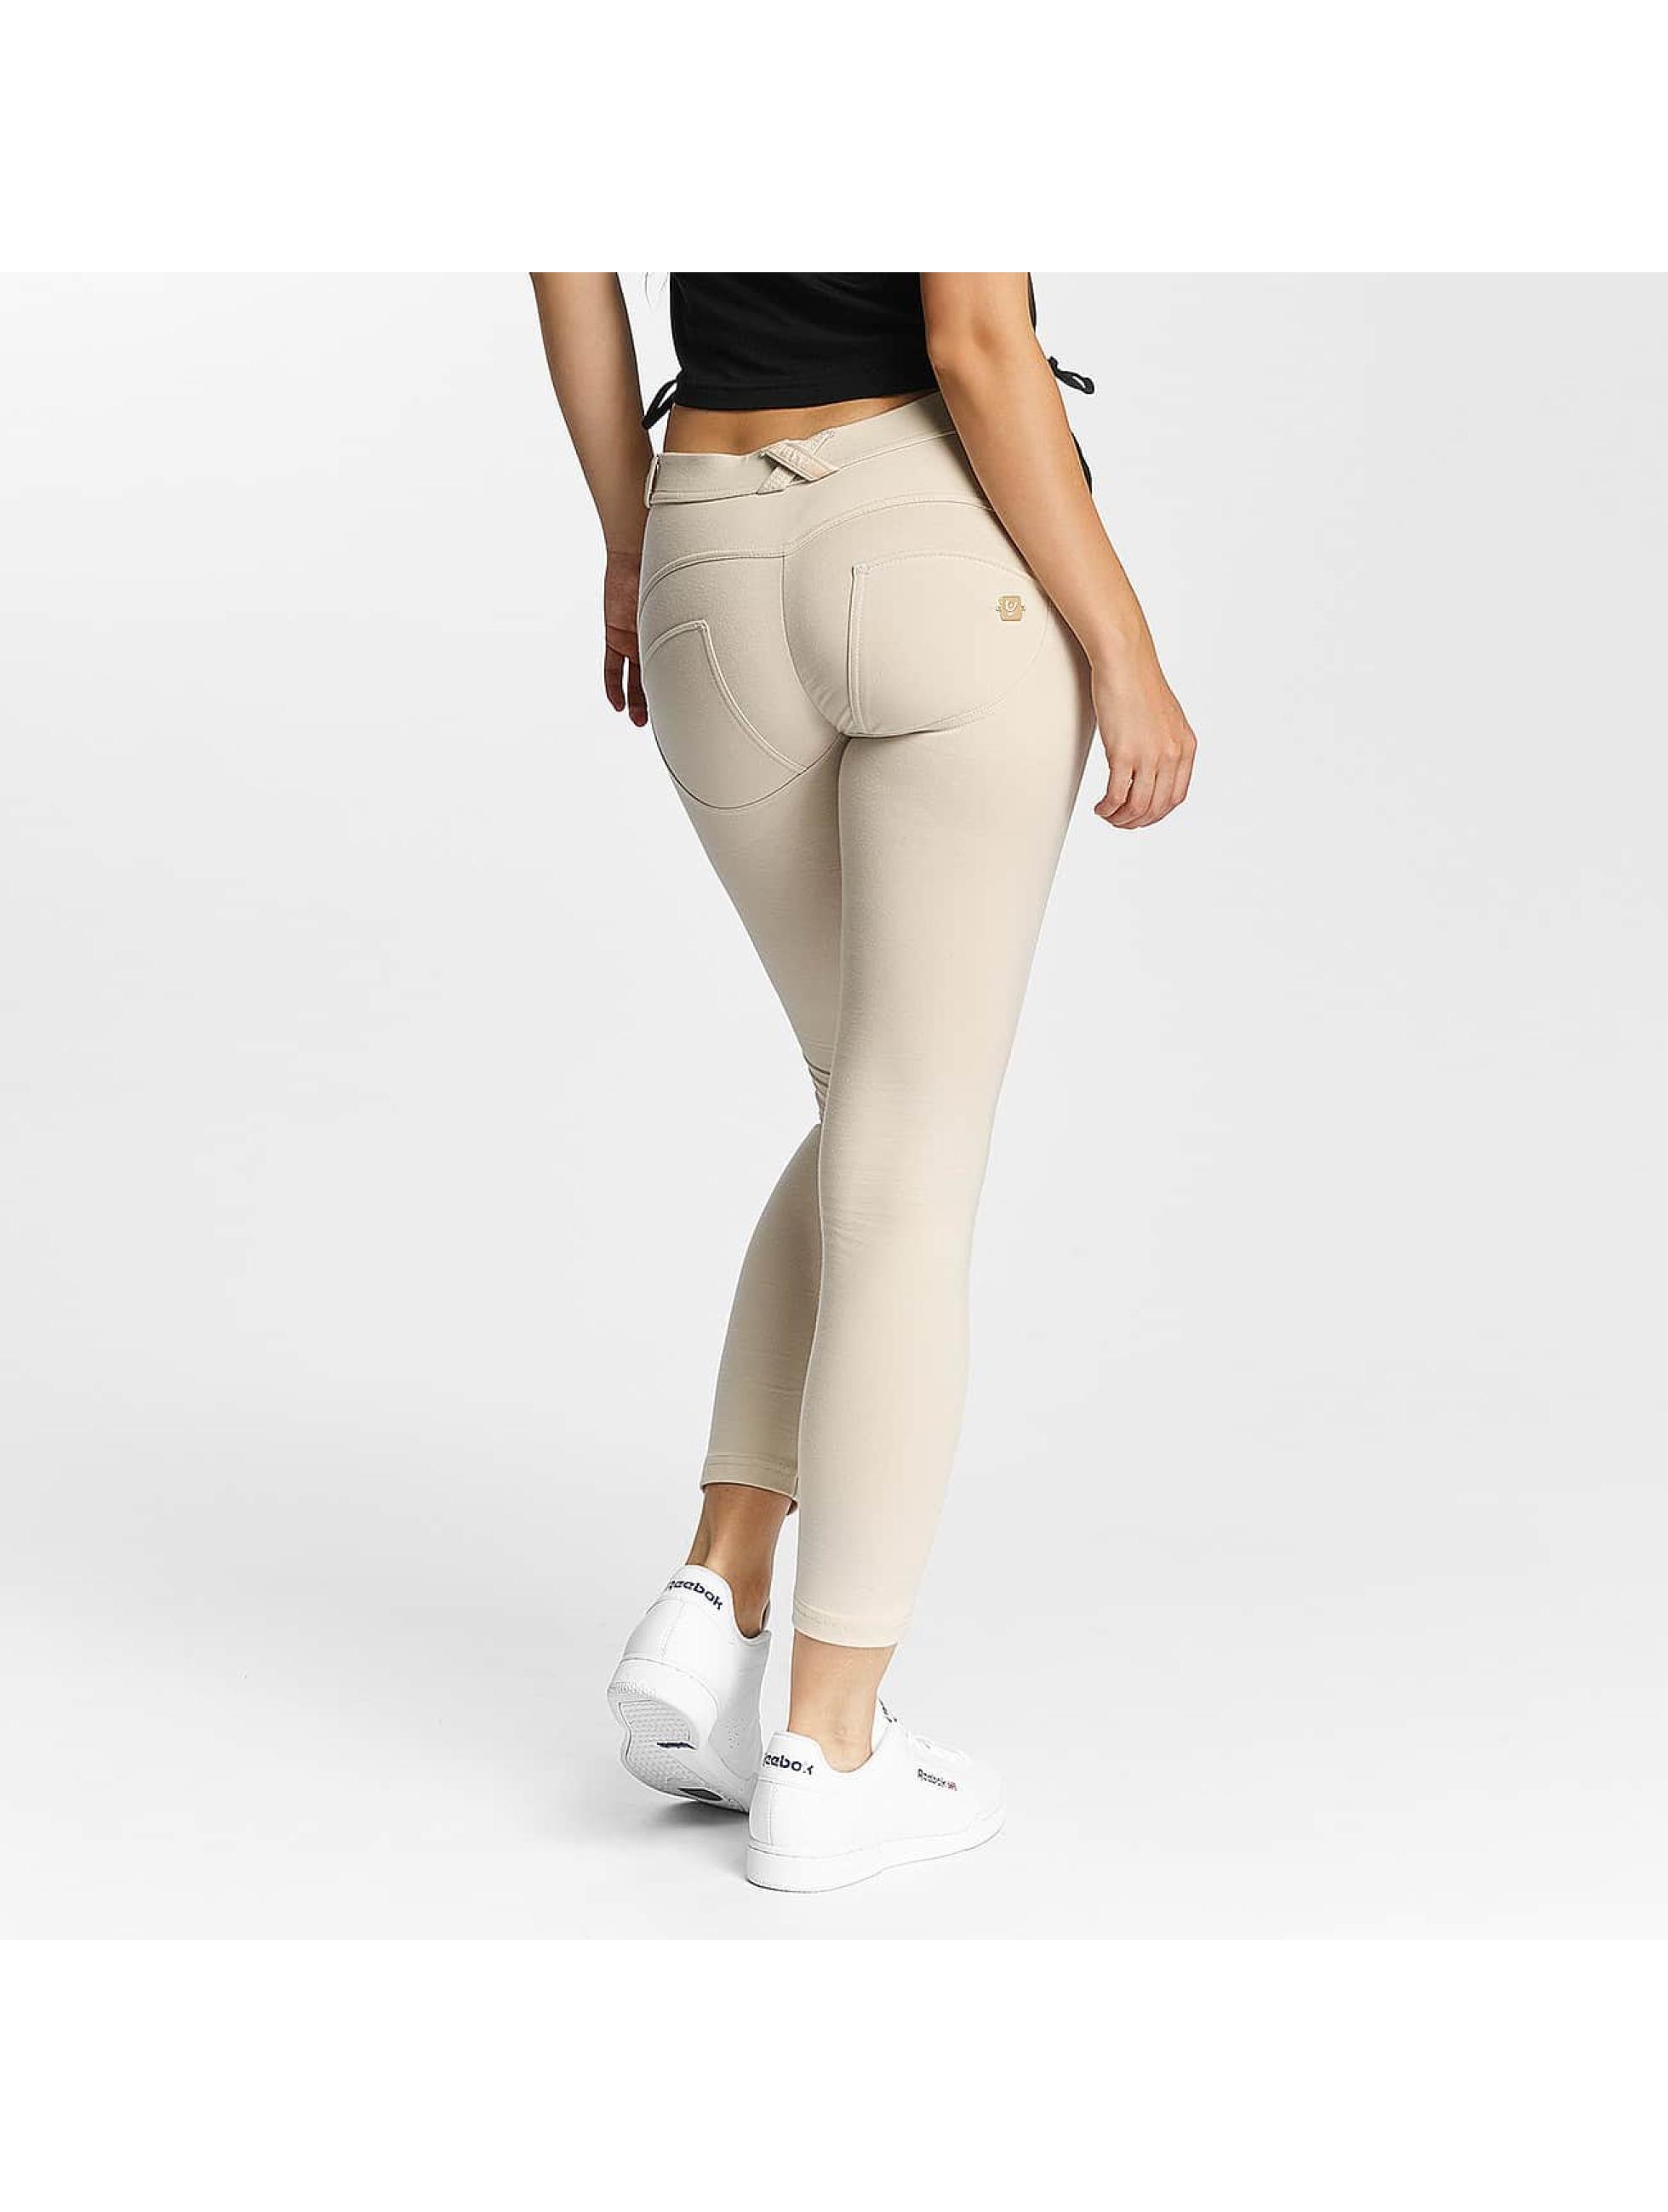 freddy damen jeans skinny jeans 7 8 regular waist ebay. Black Bedroom Furniture Sets. Home Design Ideas